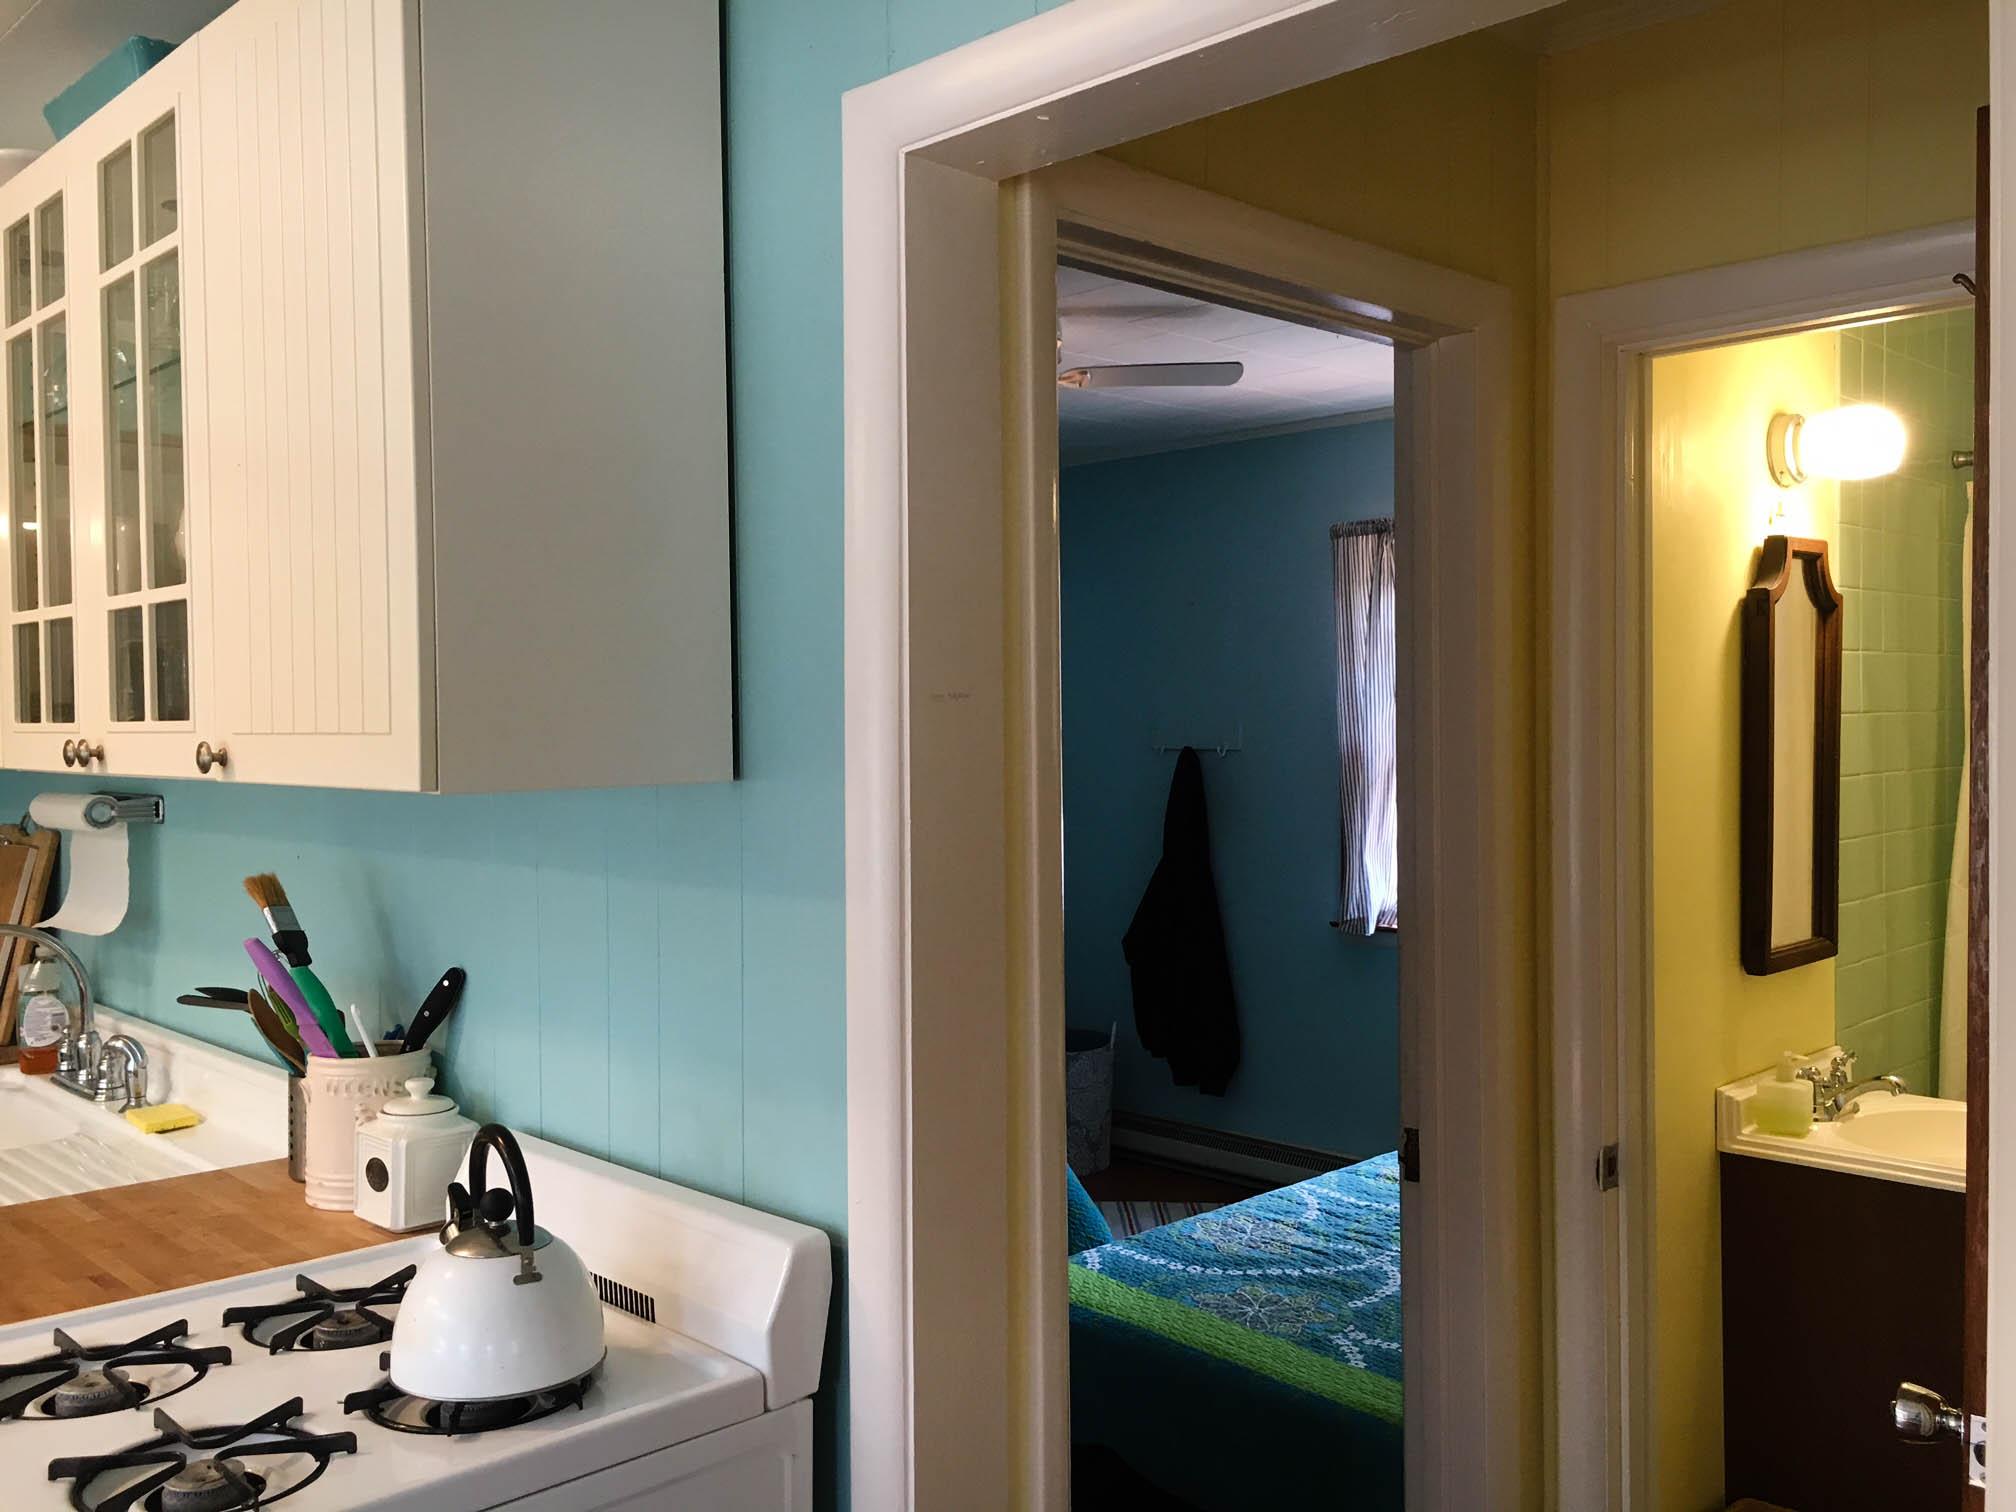 kitchen_bed_bath.jpg